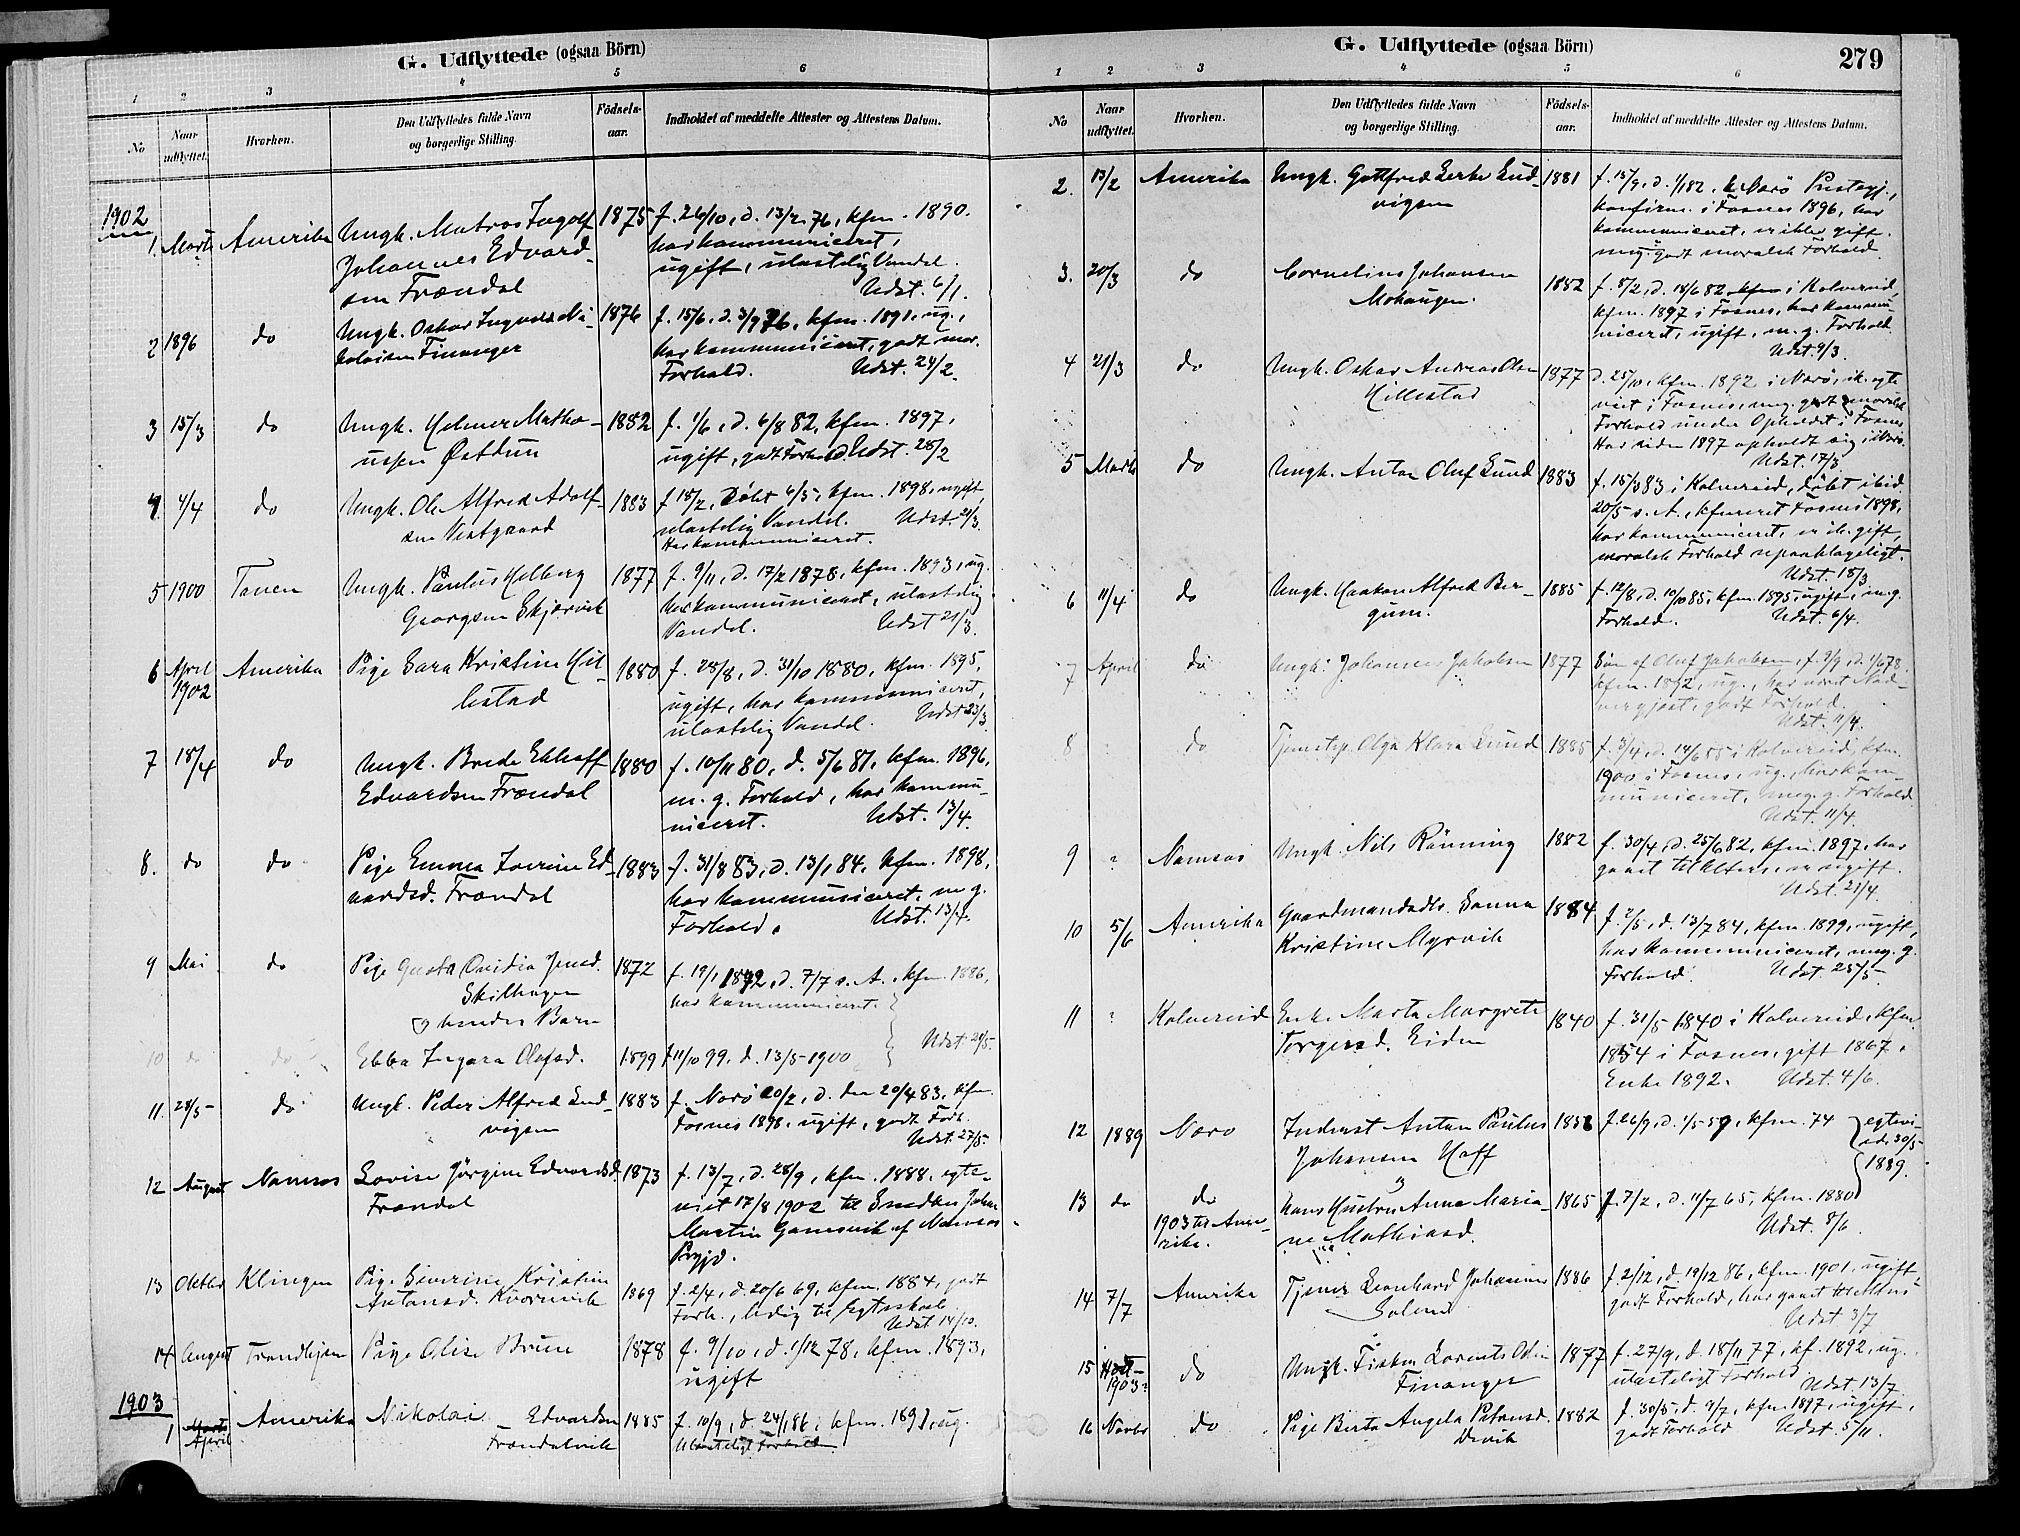 SAT, Ministerialprotokoller, klokkerbøker og fødselsregistre - Nord-Trøndelag, 773/L0617: Ministerialbok nr. 773A08, 1887-1910, s. 279